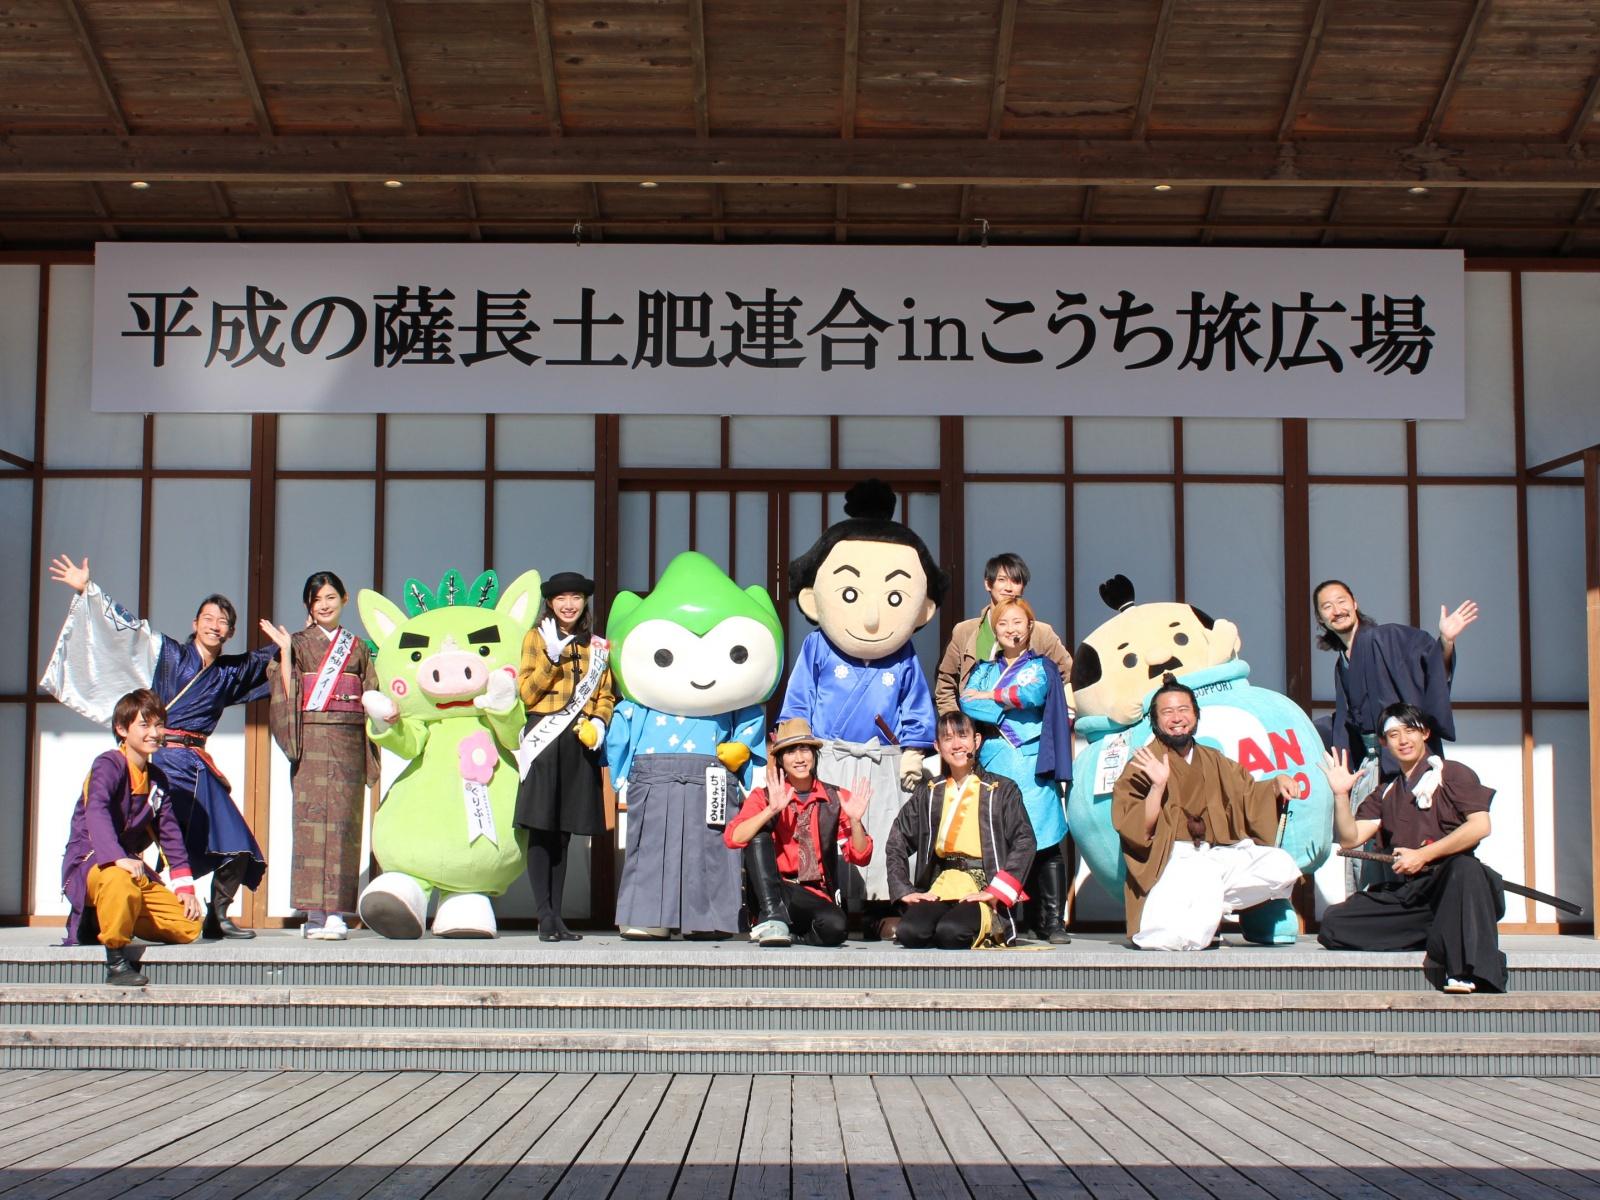 高知県で「平成の薩長土肥連合」4県の観光を紹介したよ☆彡